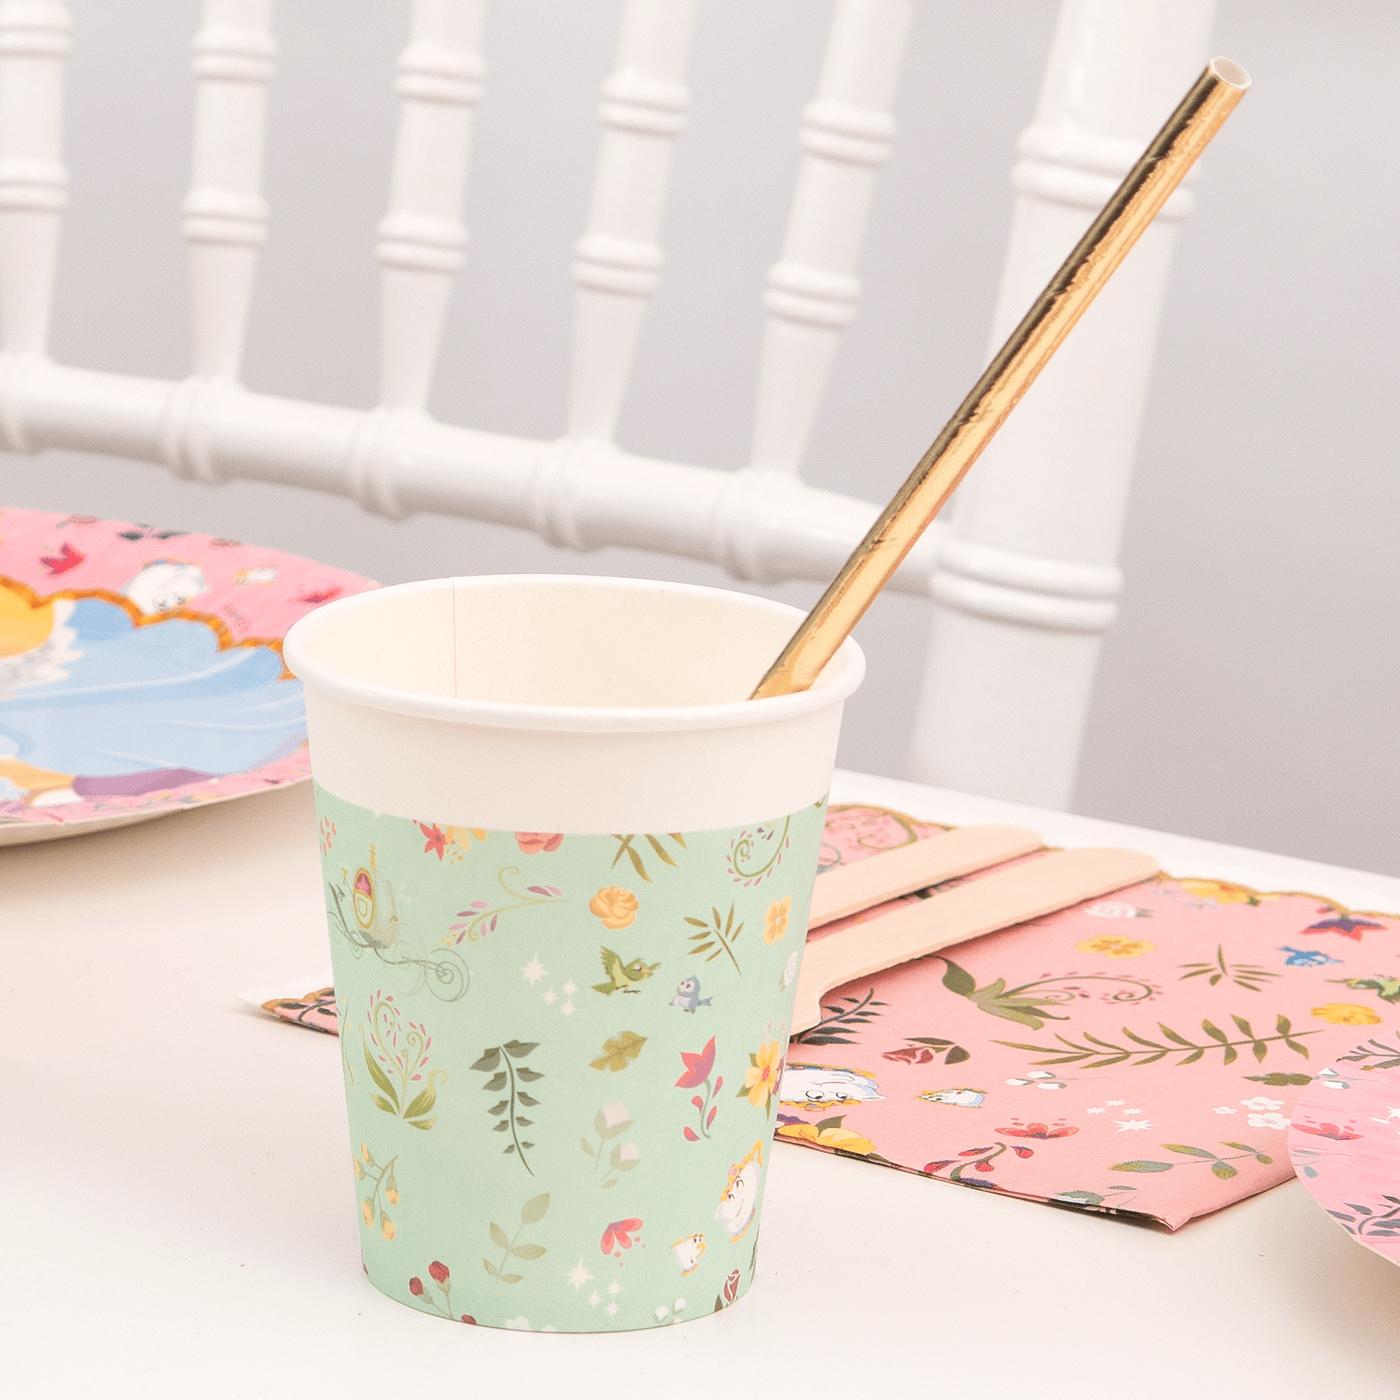 Imagen de producto: https://tienda.postreadiccion.com/img/articulos/secundarias13141-20-servilletas-de-princesas-disney-1.jpg